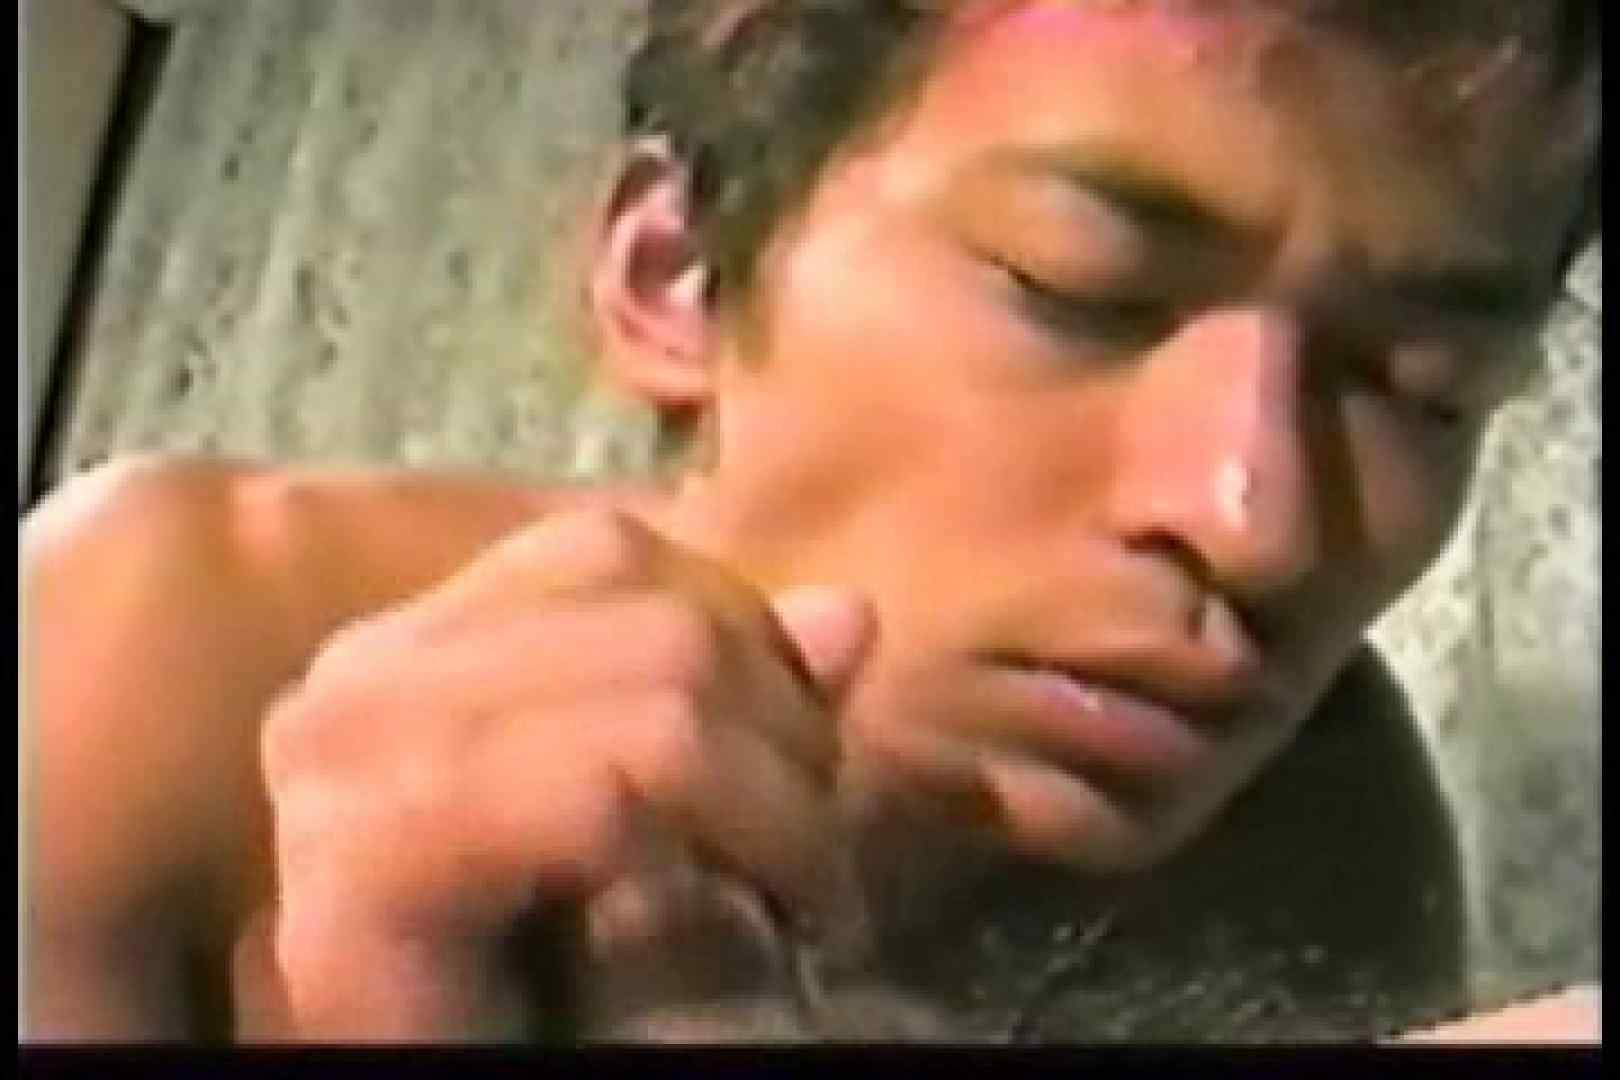 【自己製作販売ビデオ】オナニーフェラ挿入 手コキ ゲイセックス画像 49pic 32